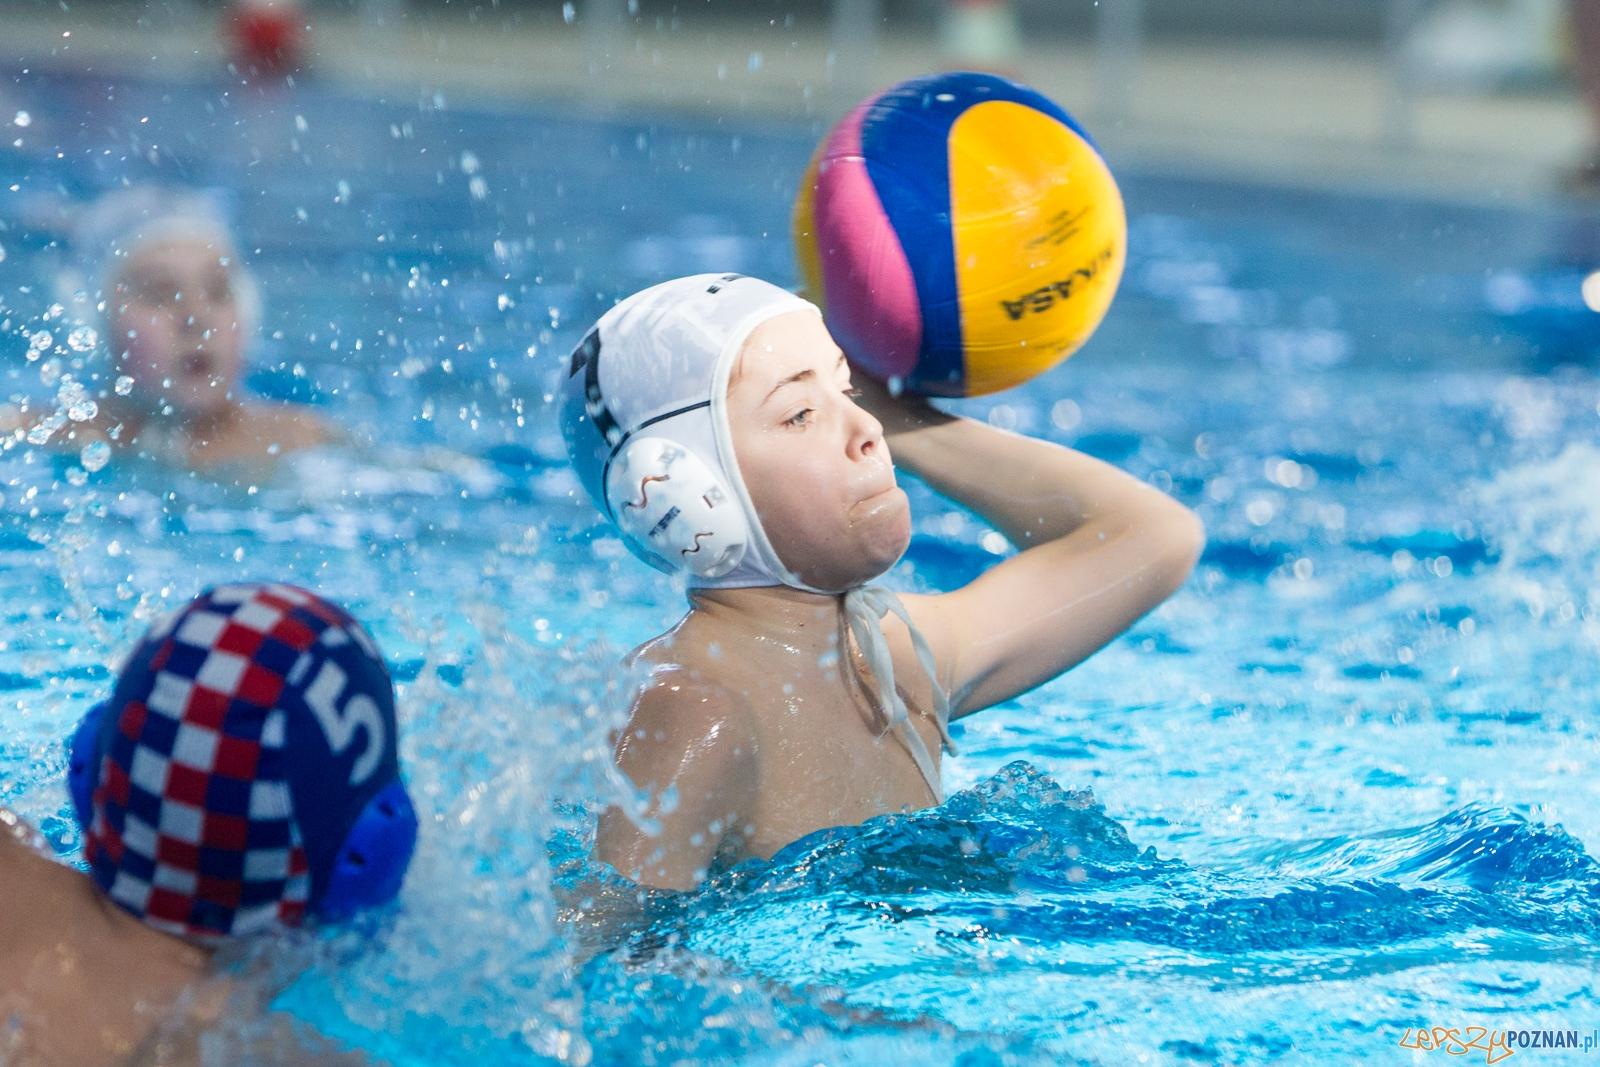 Wojewódzkie Mistrzostwa Młodzików U -13  Foto: lepszyPOZNAN.pl / Piotr Rychter